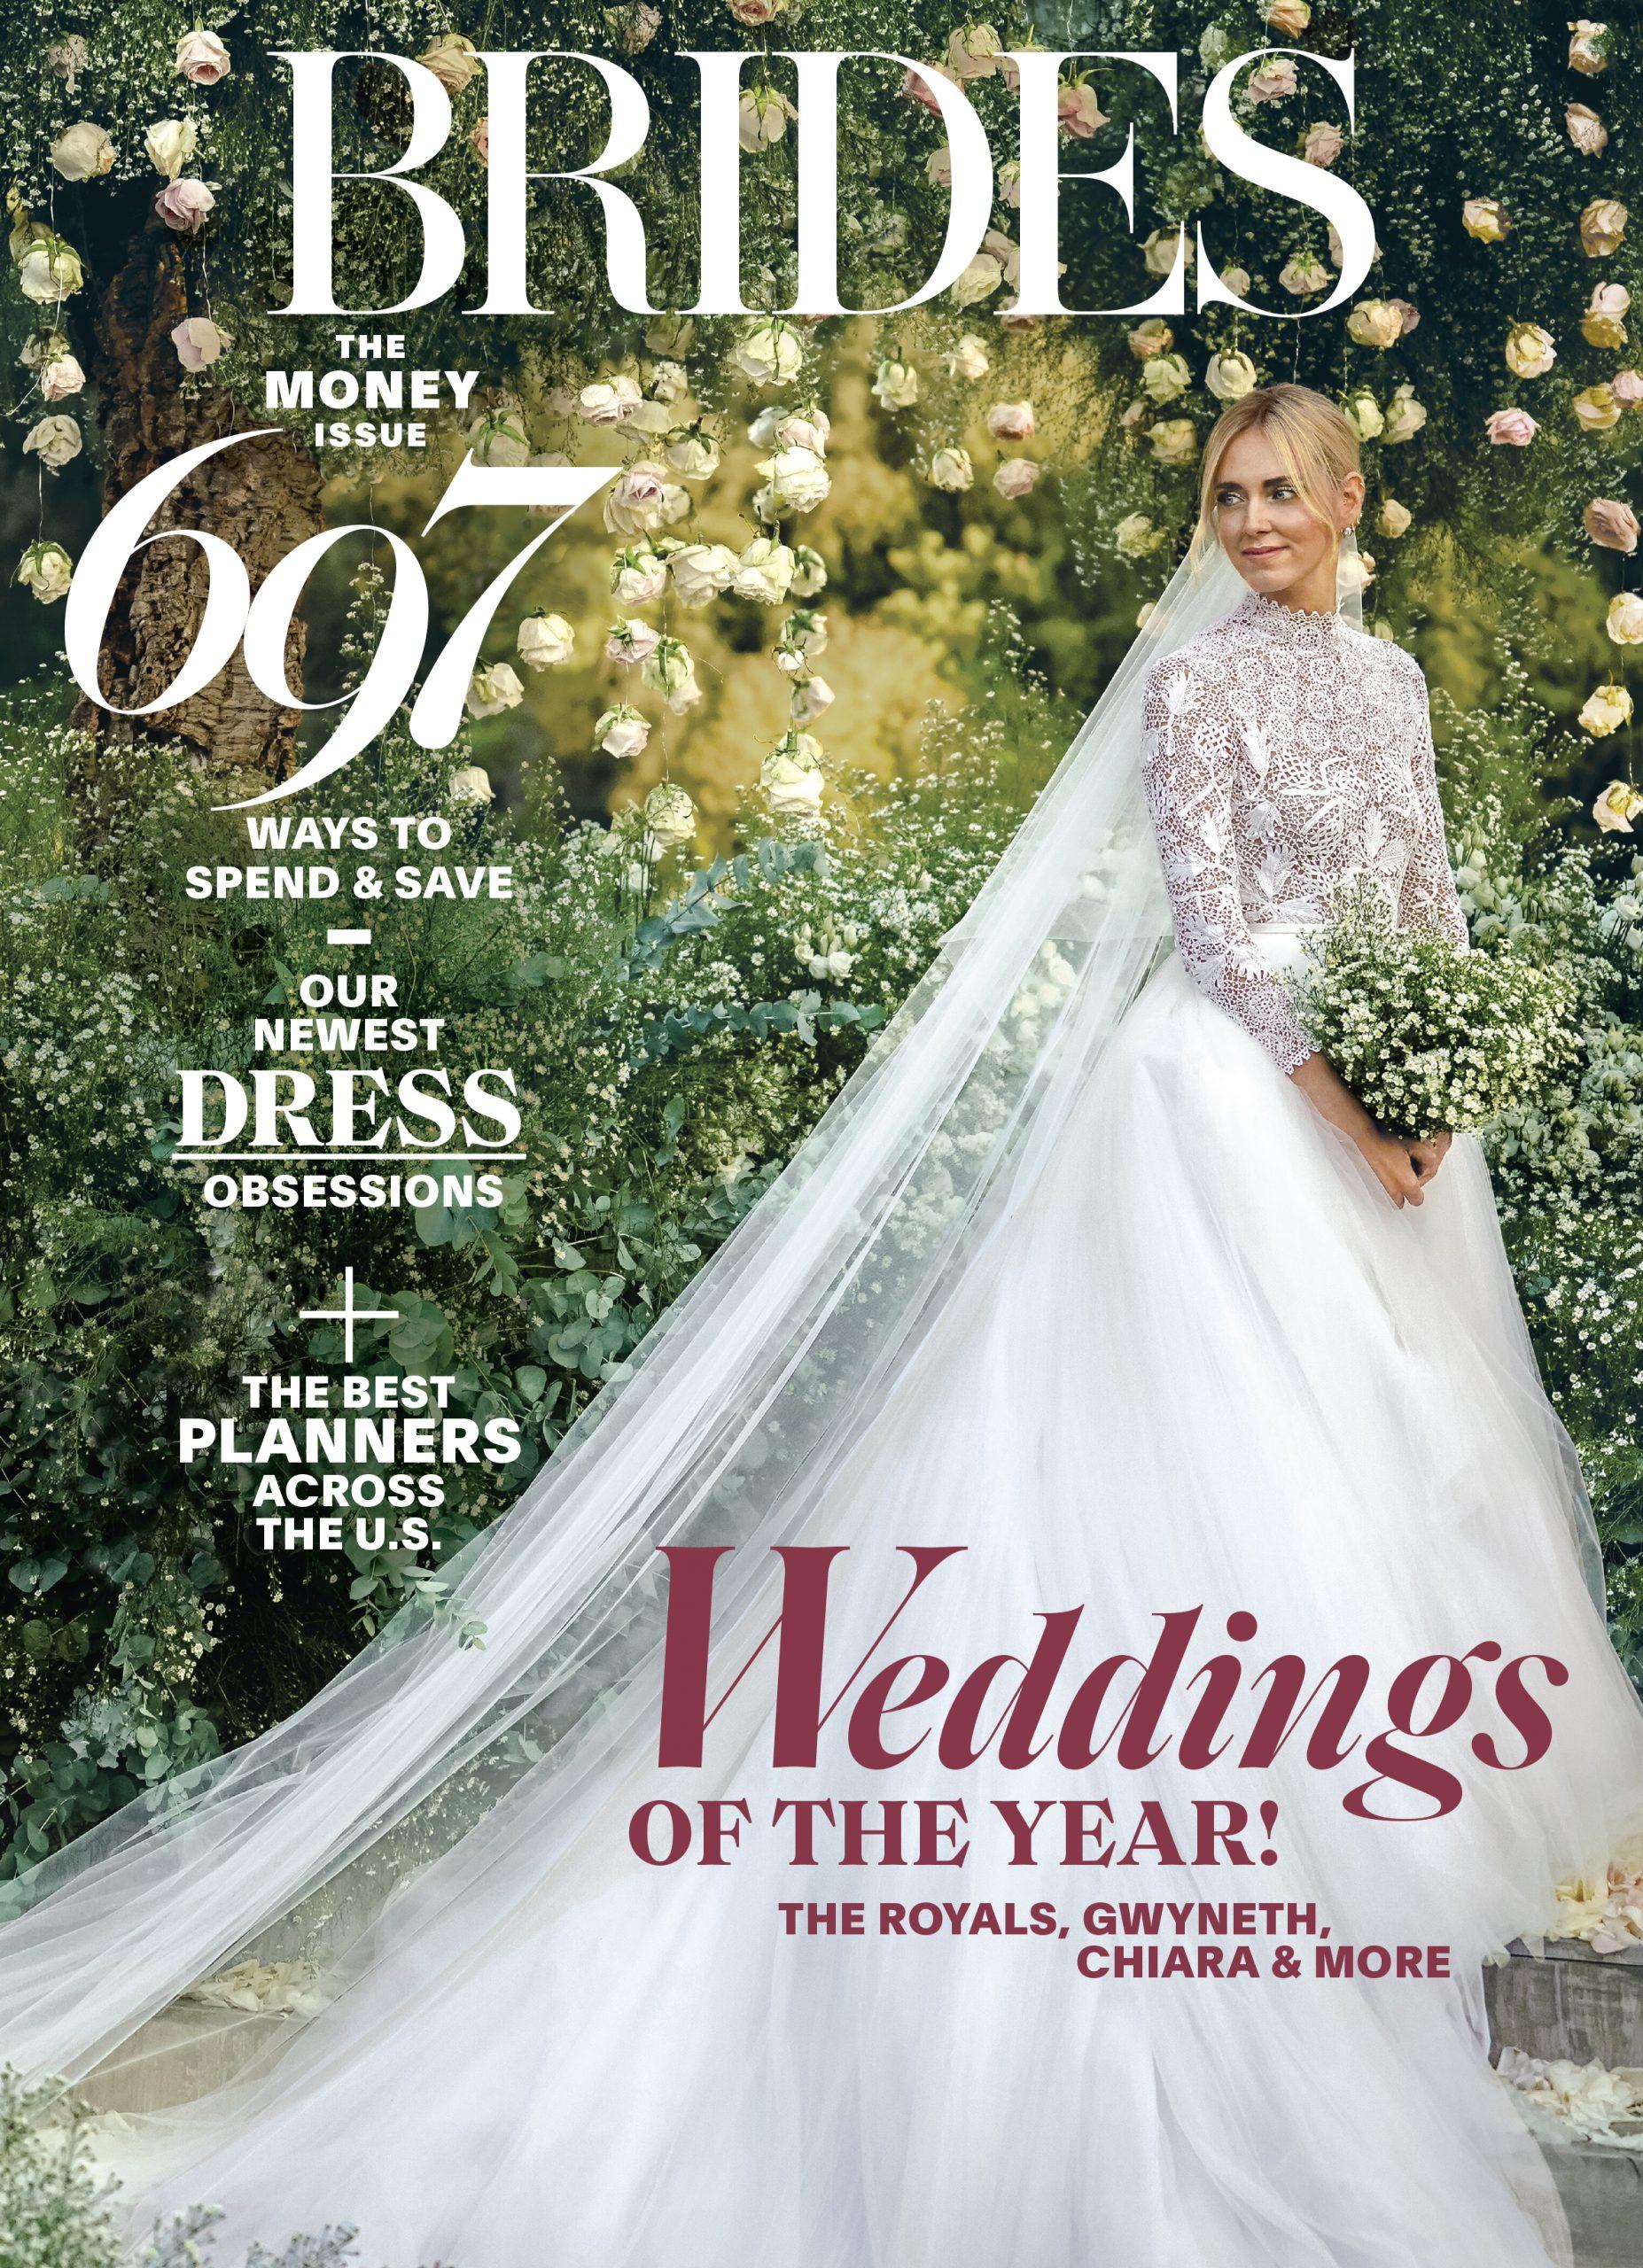 Brides-Magazine-Best-Wedding-Planners-List